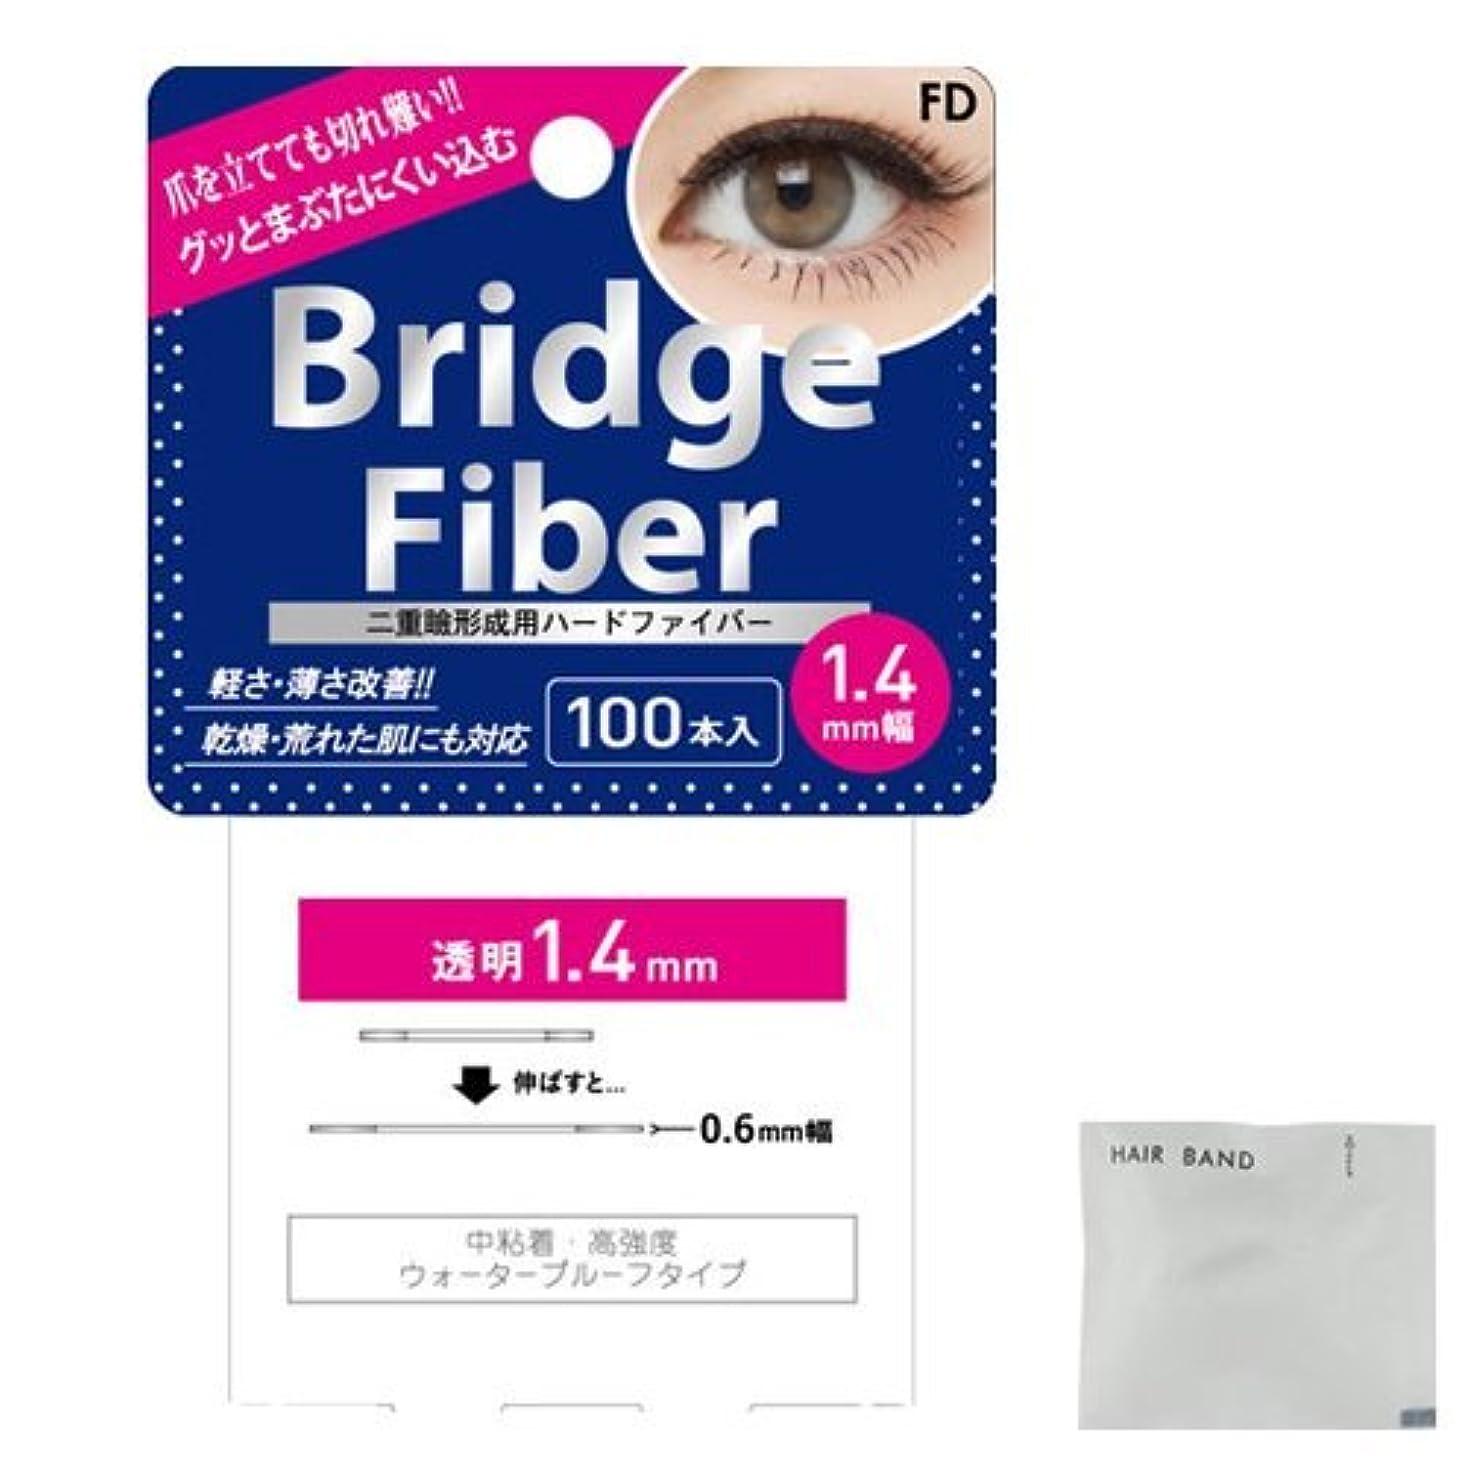 耳痛みぼんやりしたFD ブリッジファイバーⅡ (Bridge Fiber) クリア1.4mm + ヘアゴム(カラーはおまかせ)セット